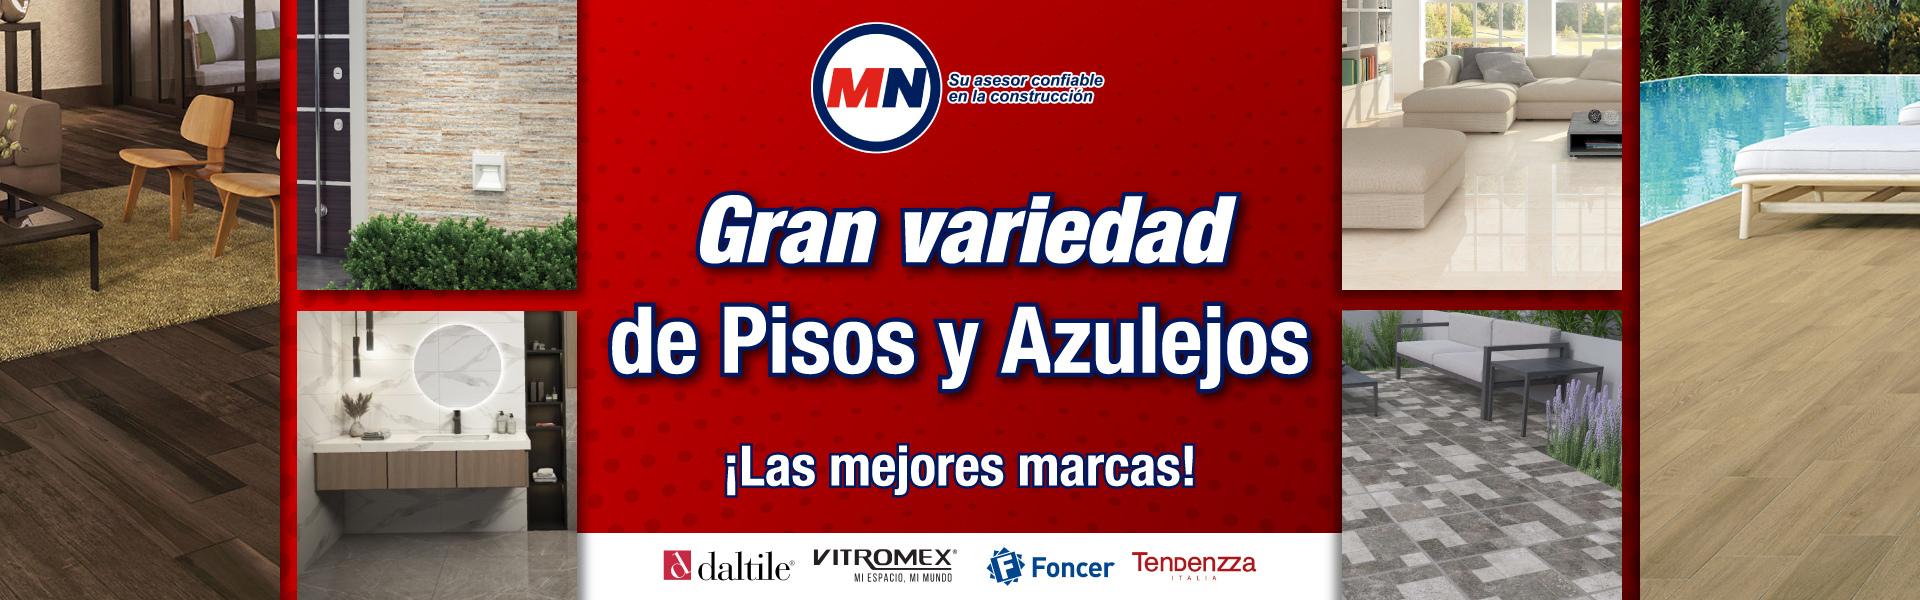 COMPRA Y RECIBE EL MISMO DÍA